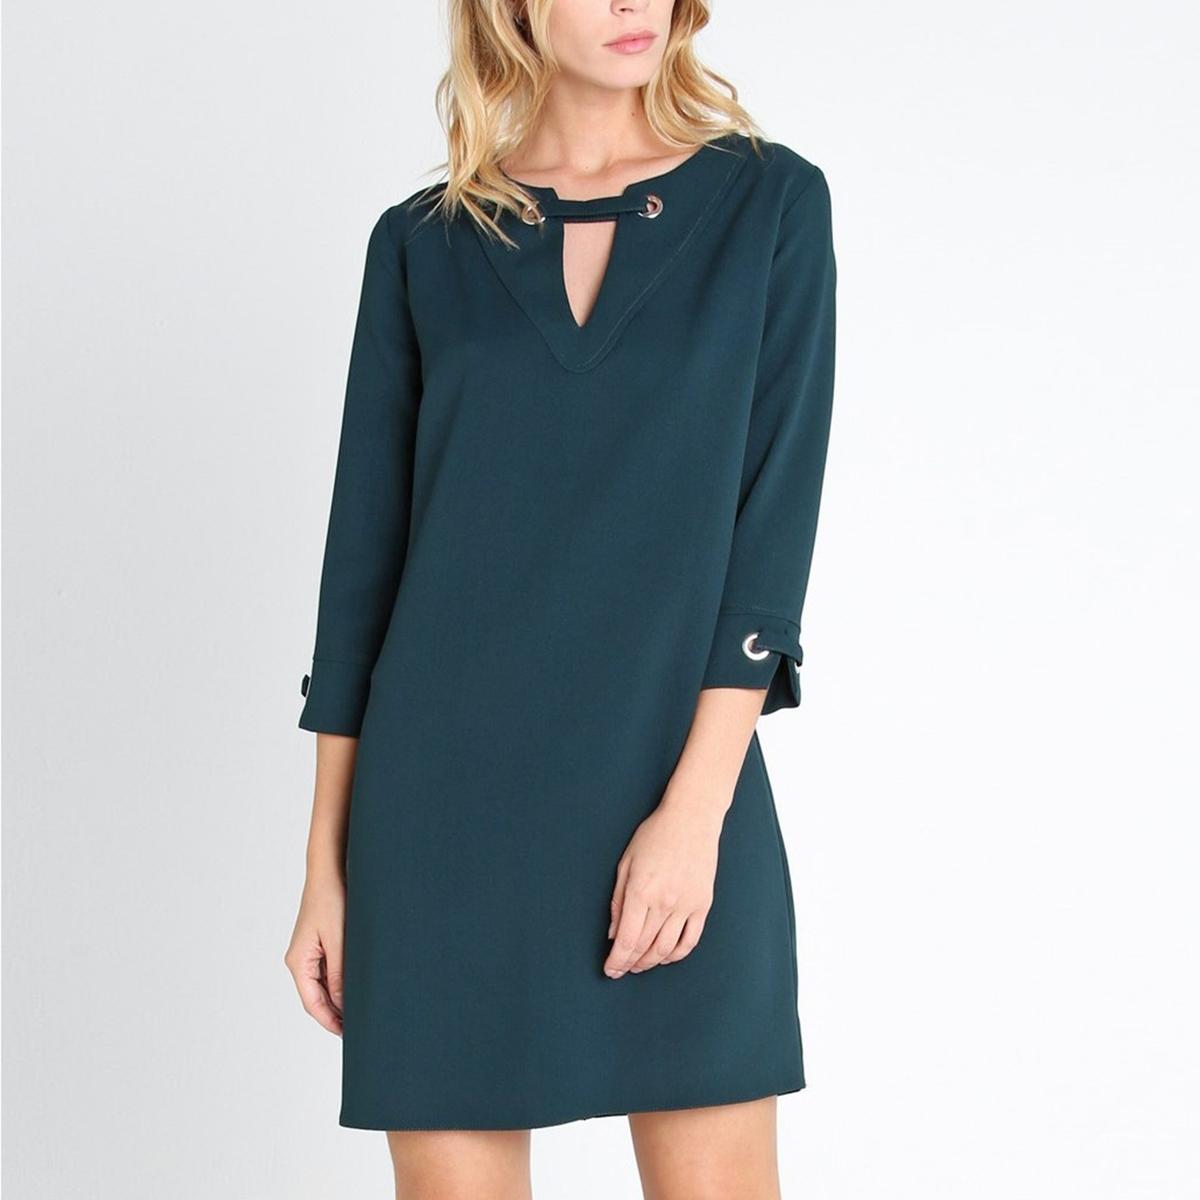 Платье из двух материалов RUBYСостав и описание :Материал : 100% полиэстерМарка : LENNY B<br><br>Цвет: зеленый<br>Размер: 2(M)